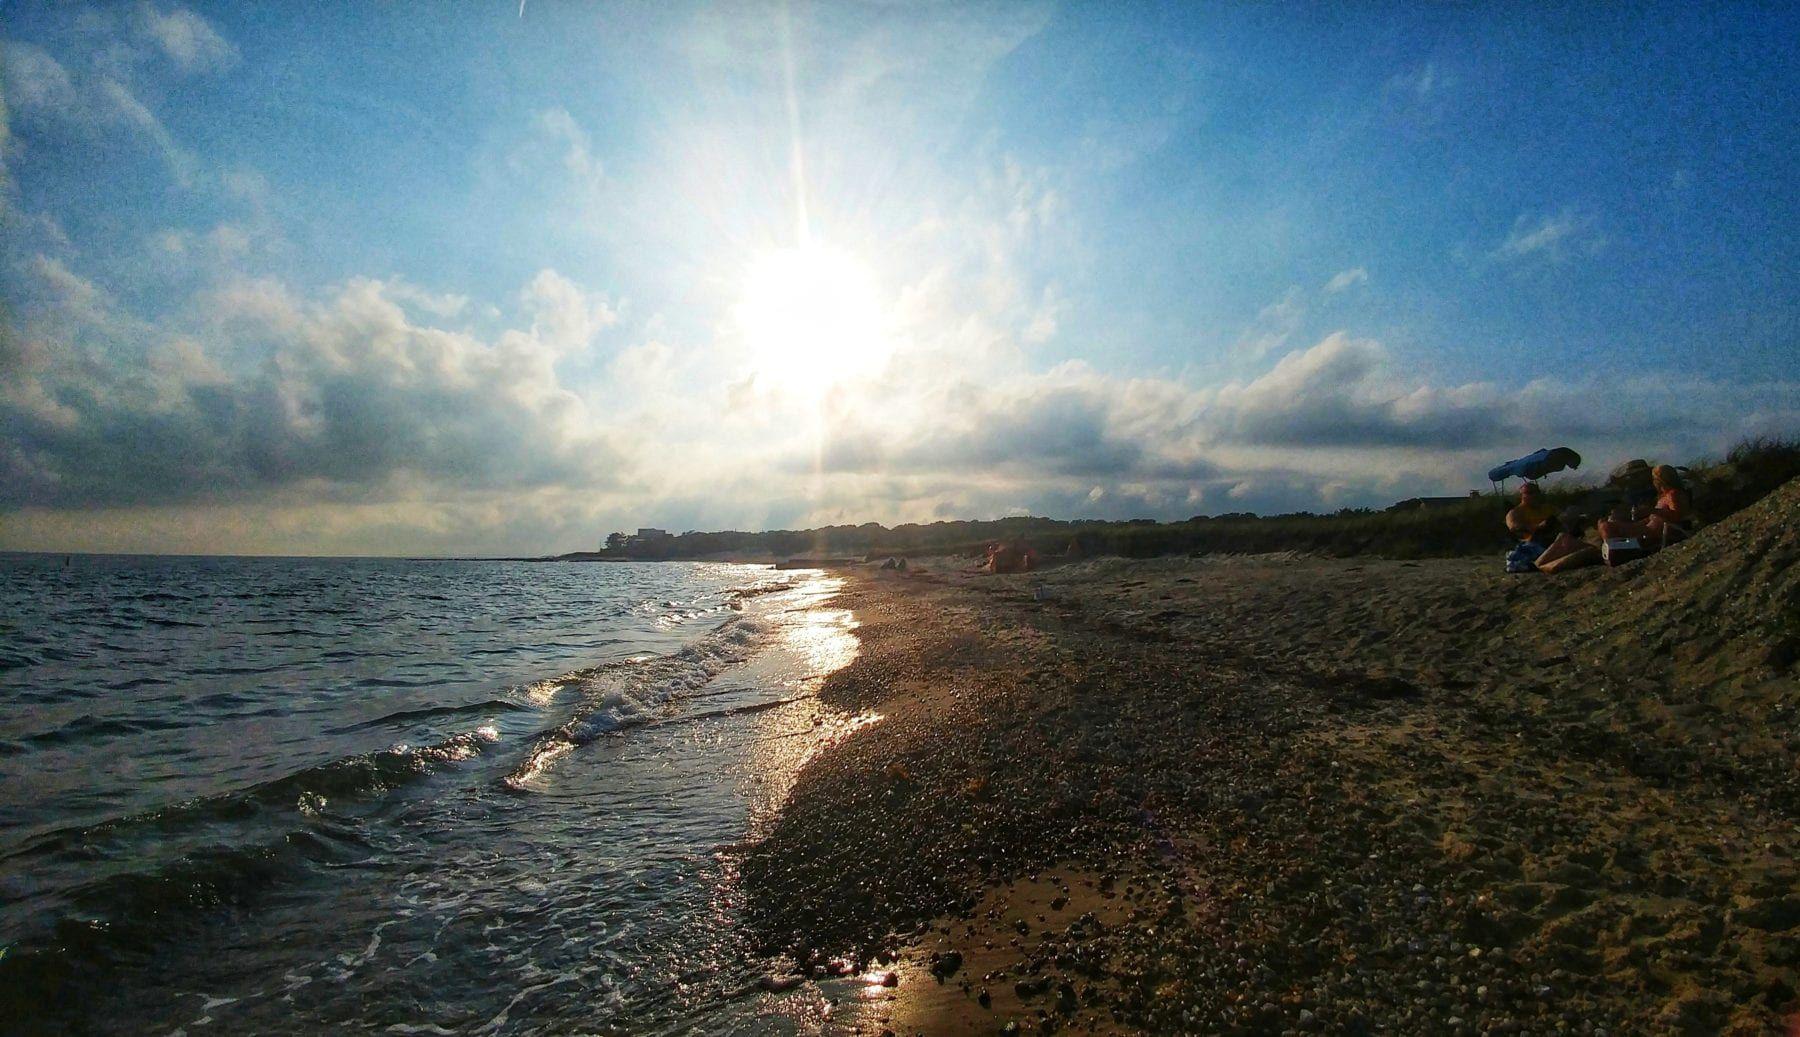 Menauhant Beach, Falmouth, MA